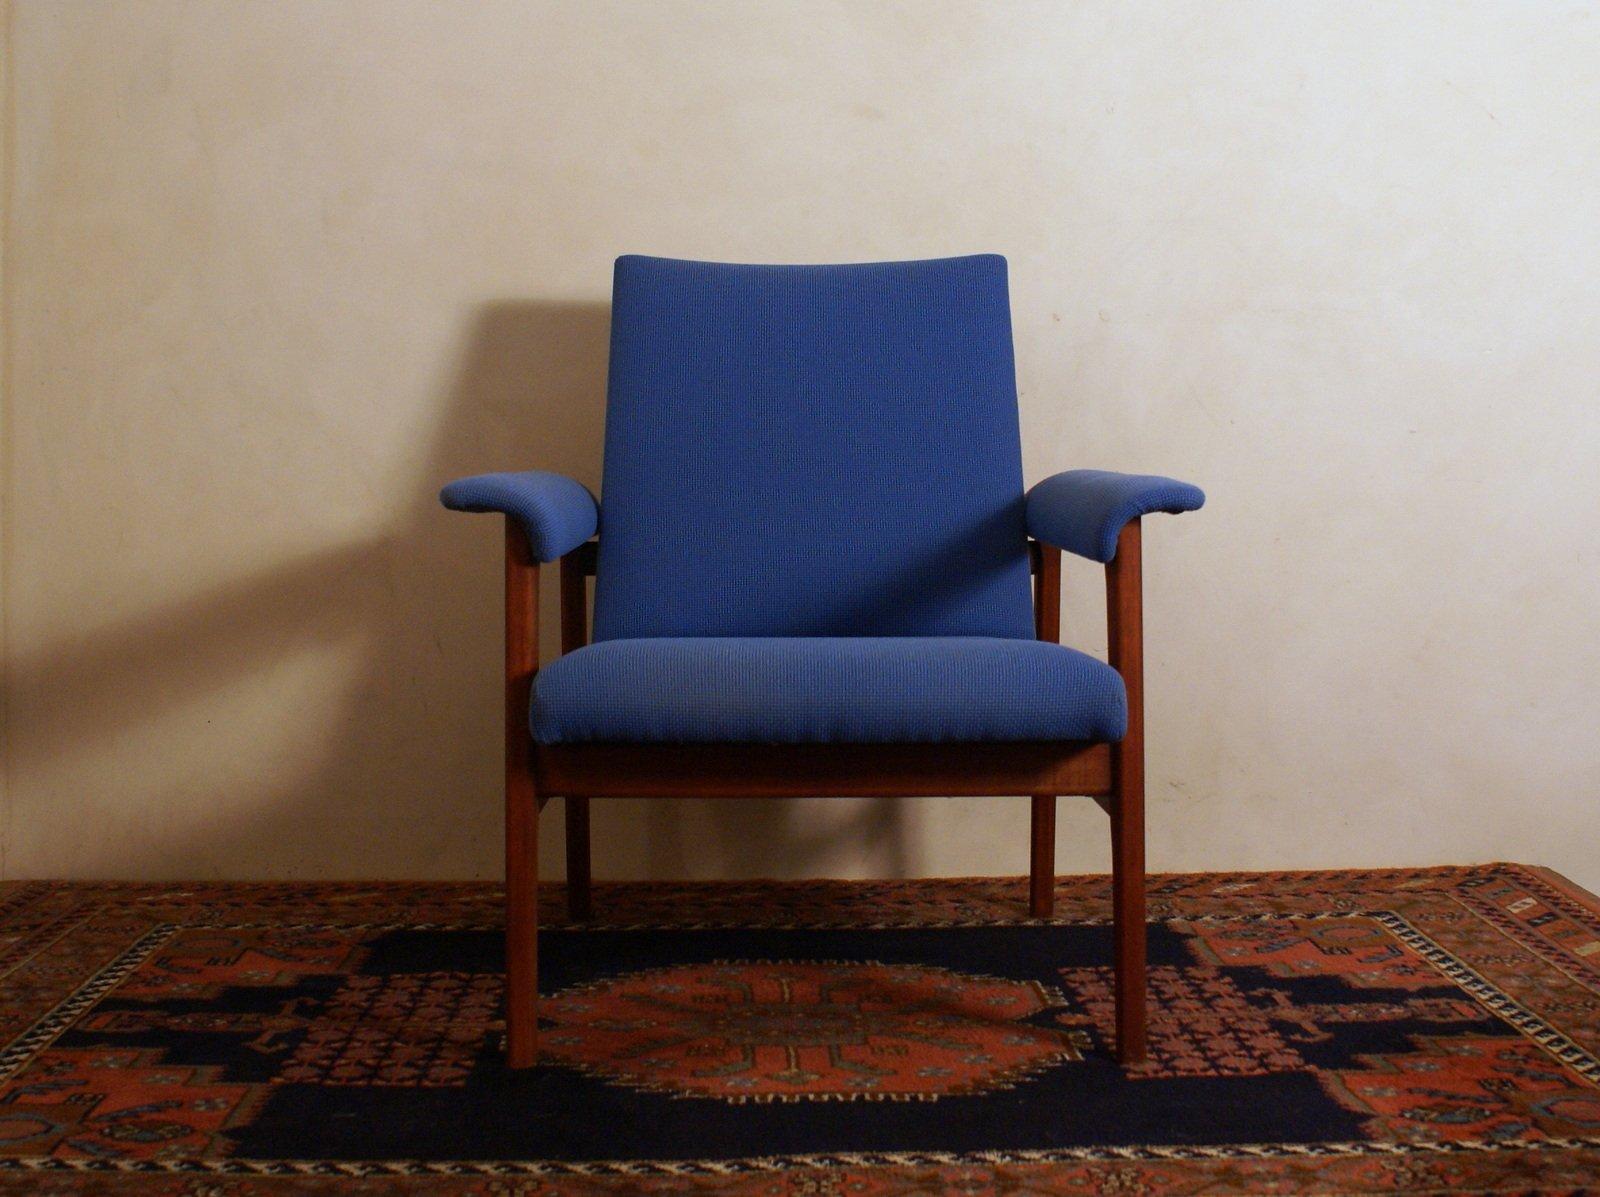 Sessel aus Blauem Stoff & Mahagoni, 1960er